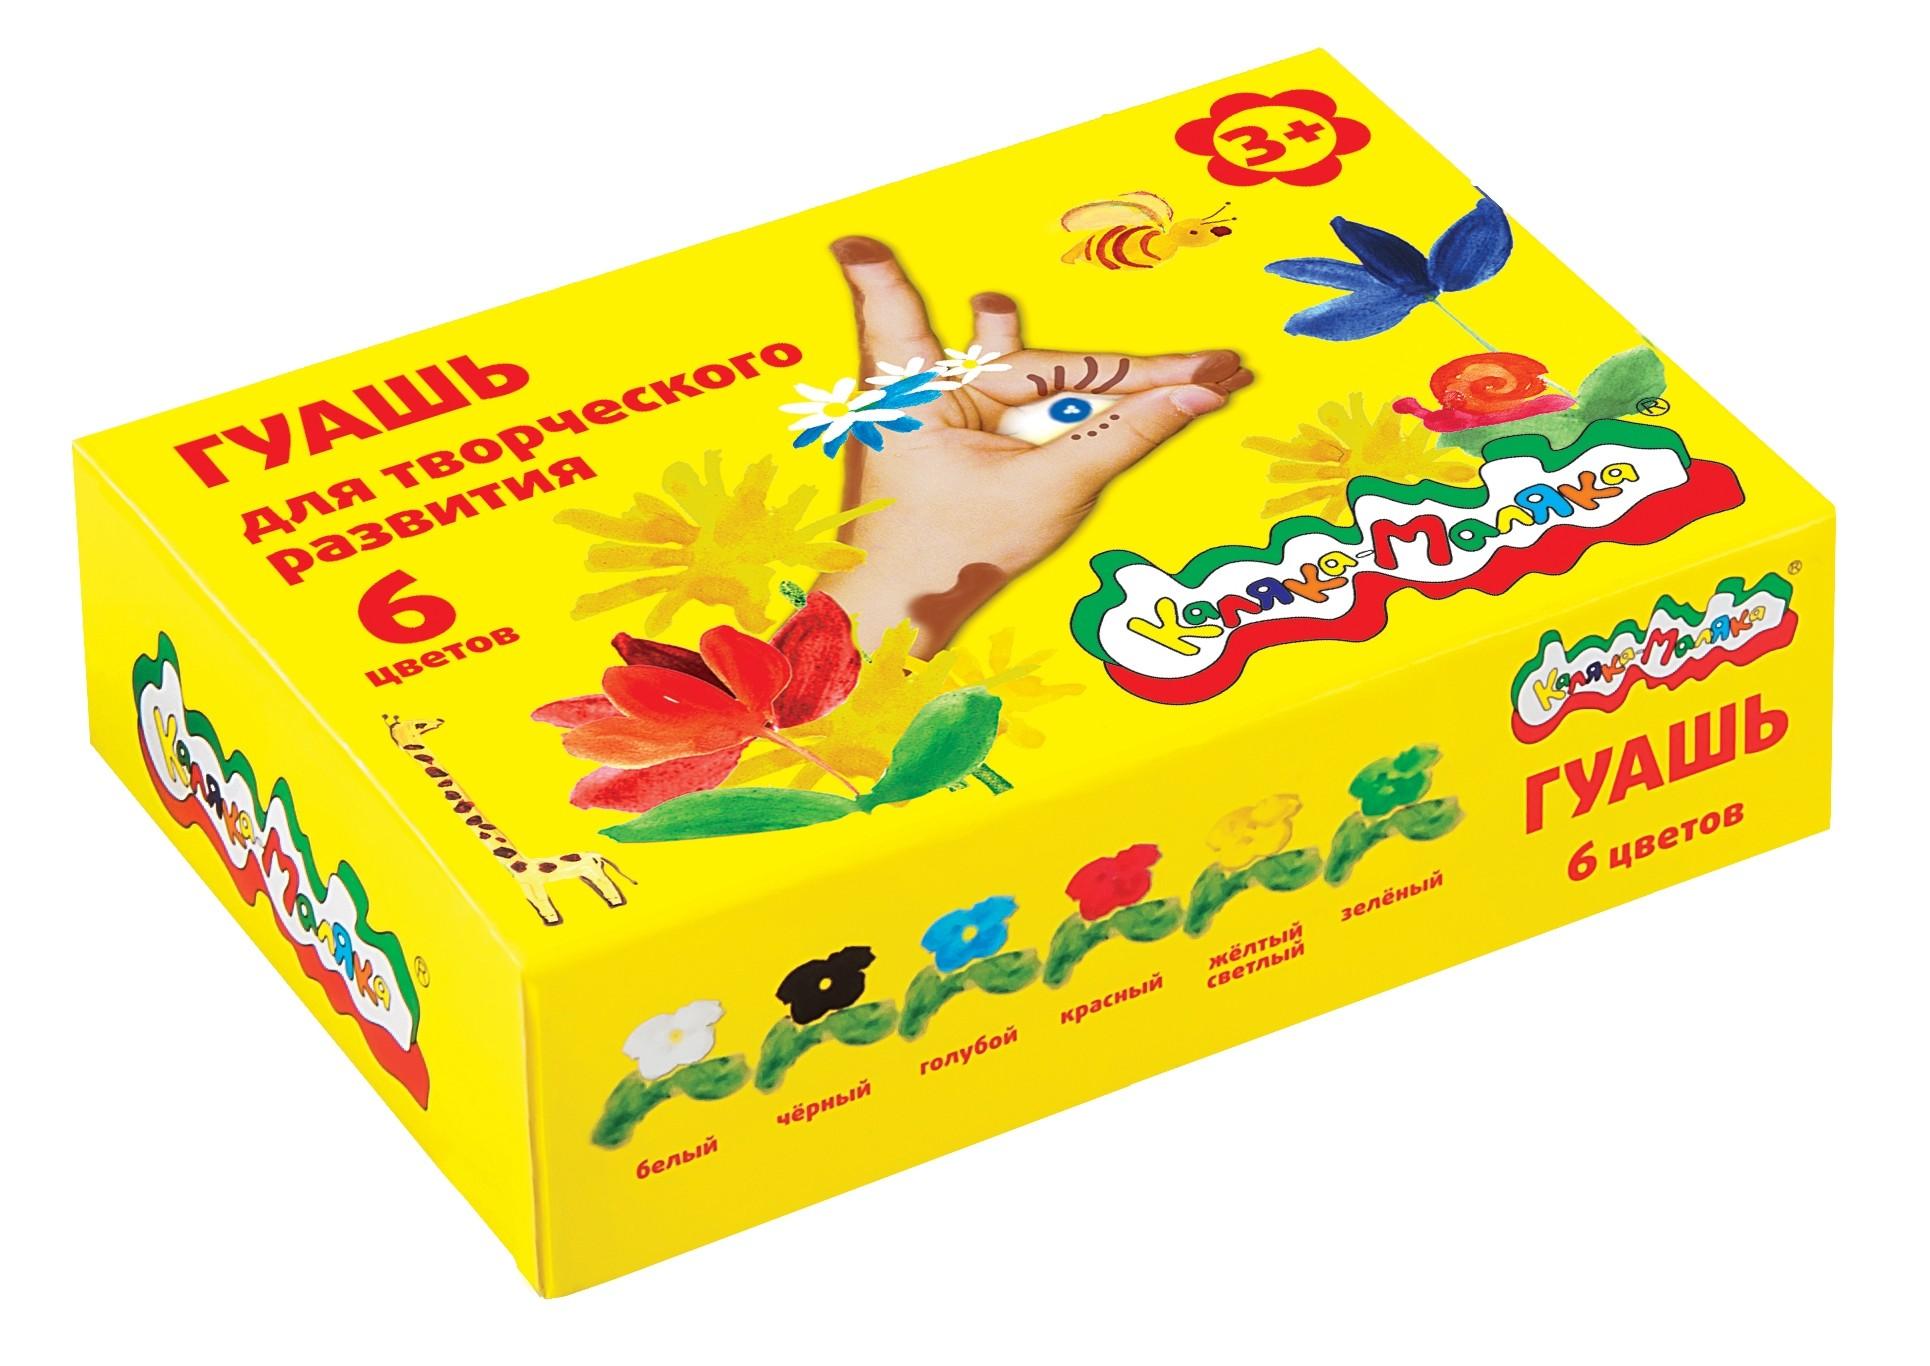 Гуашь Каляка-Маляка 6 цветов 17 мл ручки и карандаши каляка маляка карандаши пластиковые каляка маляка 12 цветов